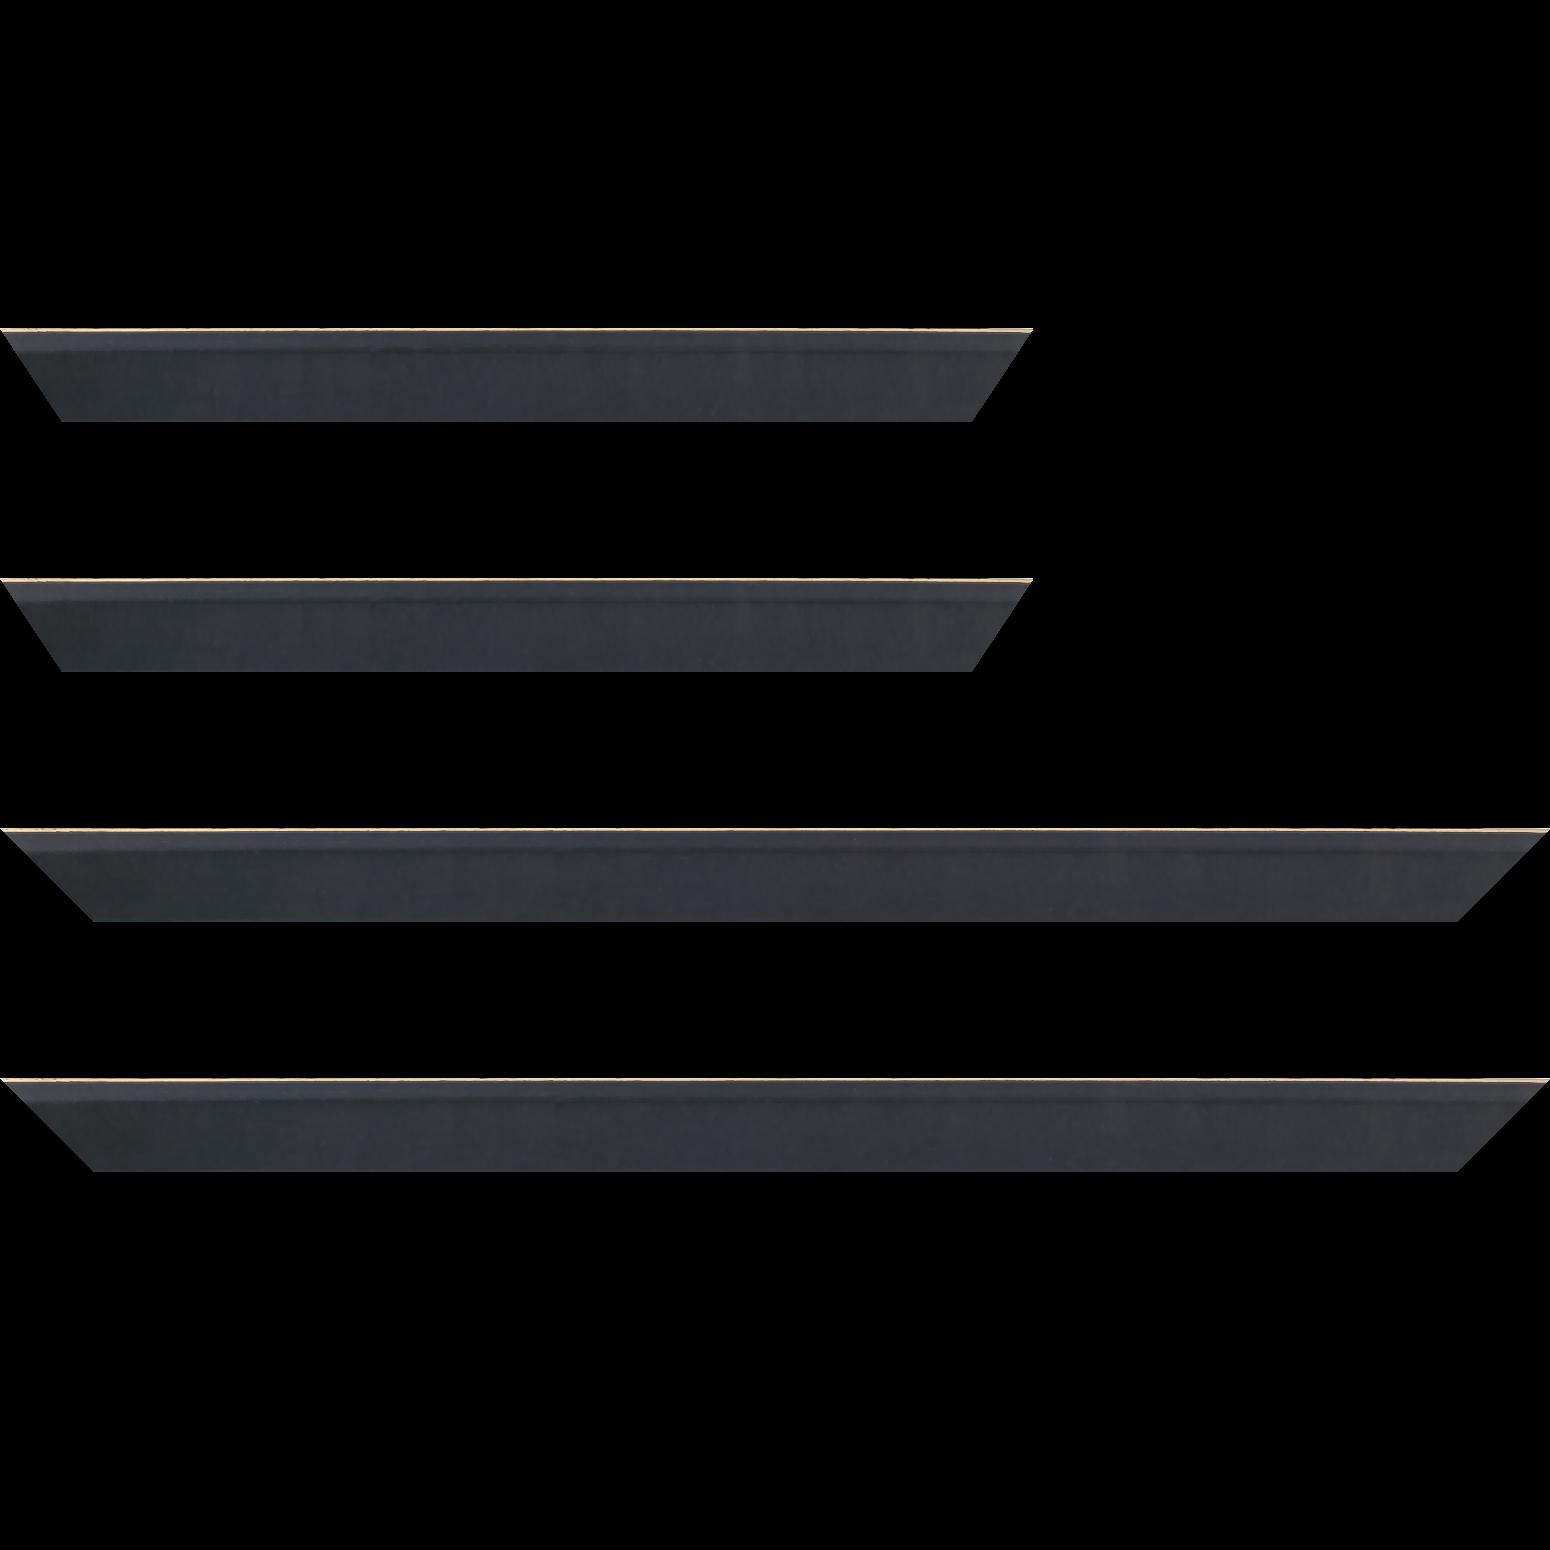 Baguette service précoupé Bois profil plat escalier largeur 3cm couleur noir ébène satiné filet créme extérieur